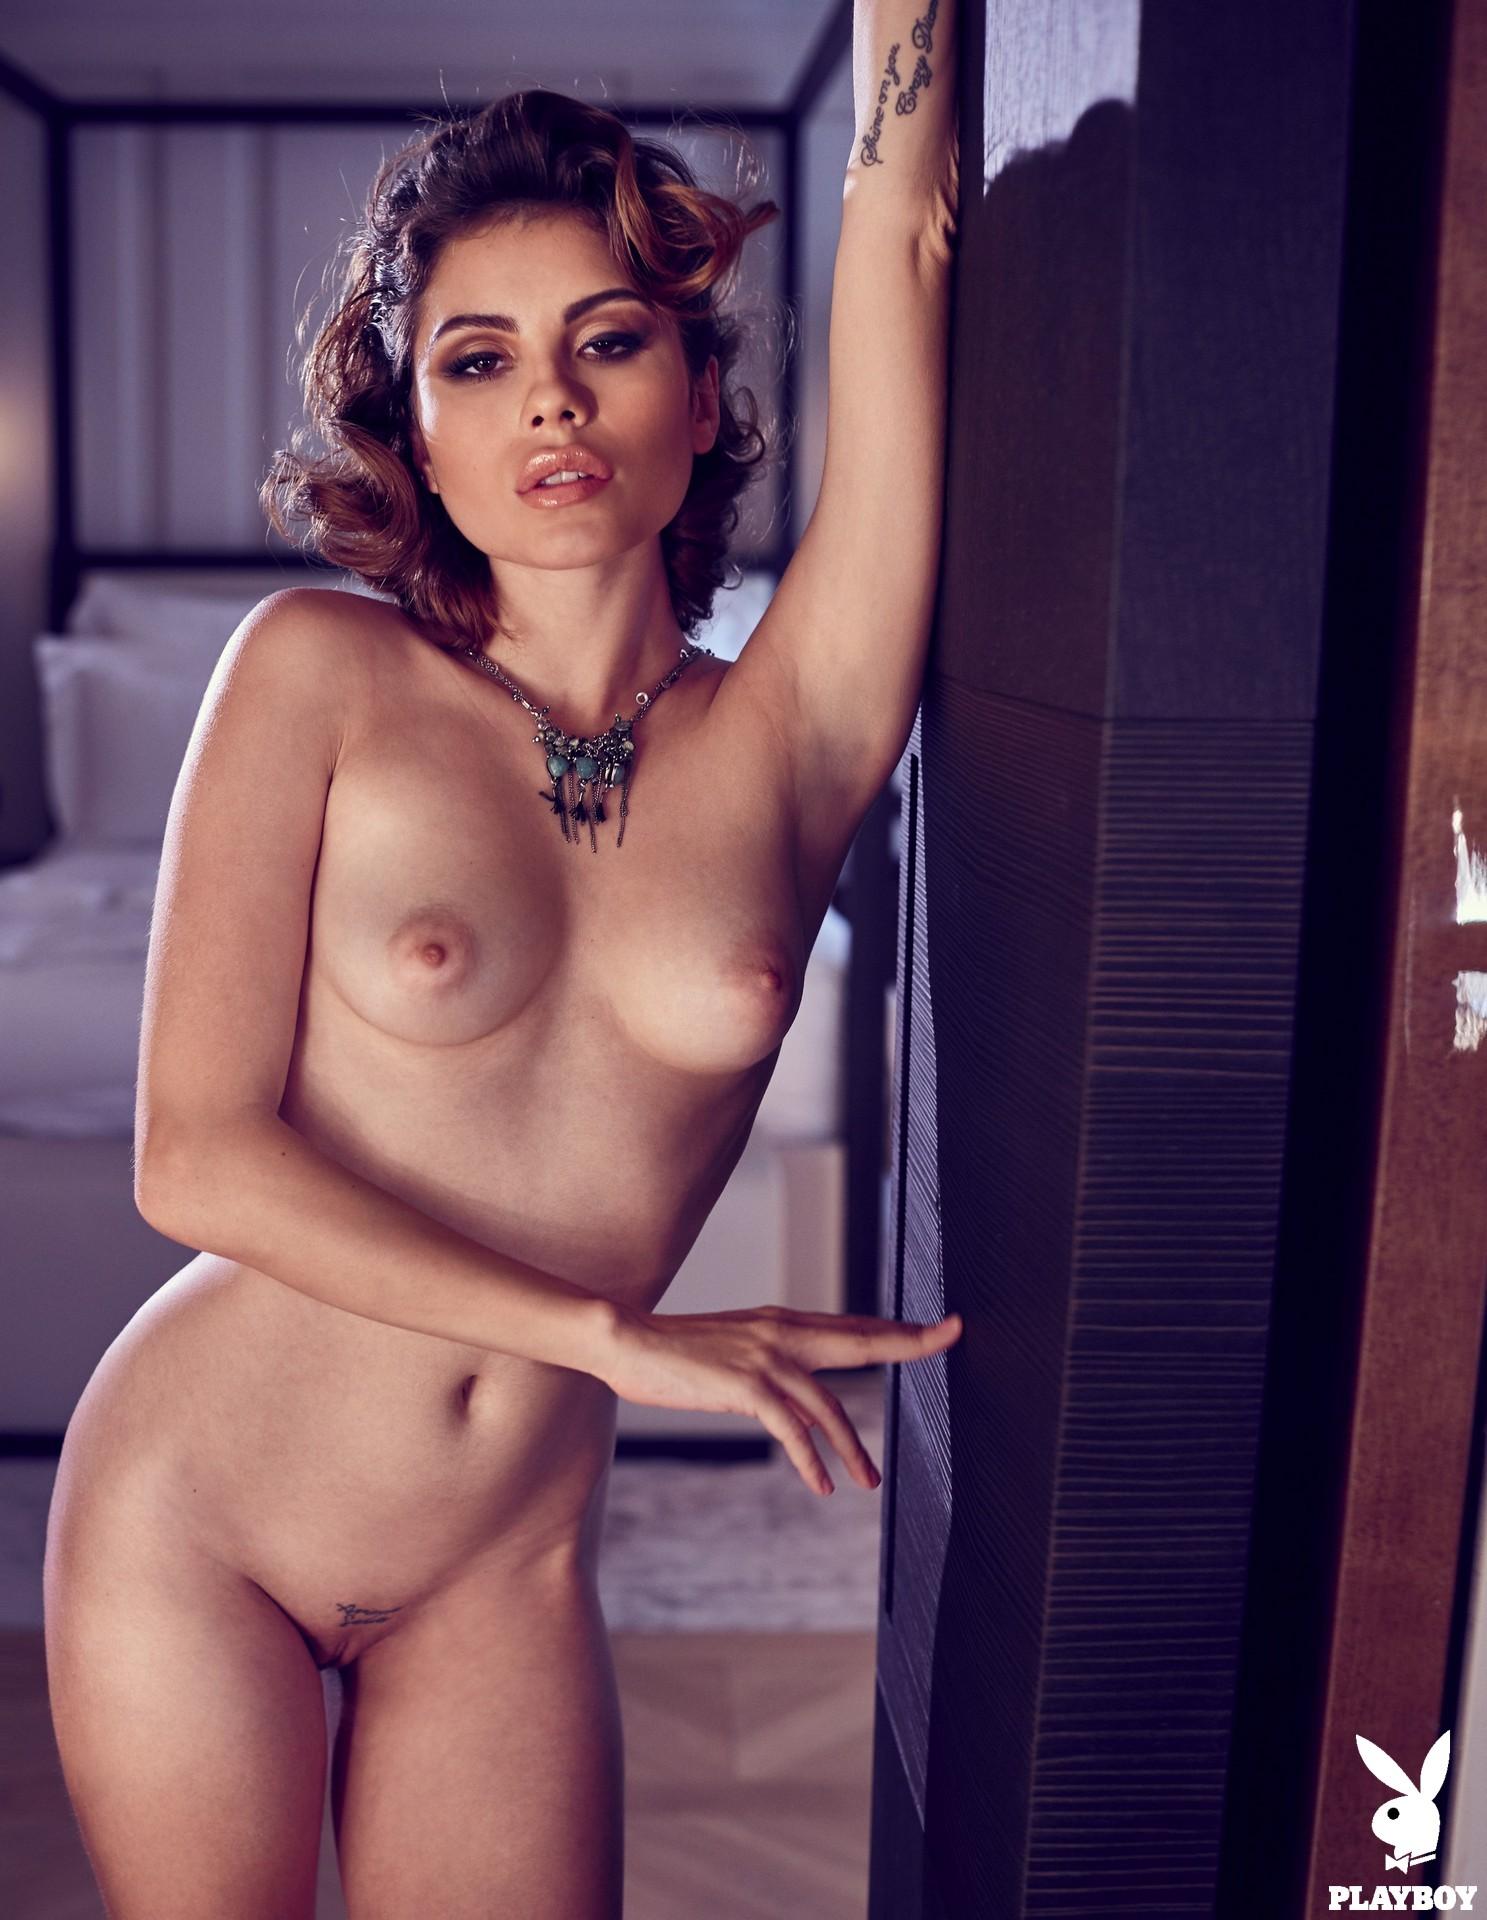 Chiara Arrighi in Playboy Germany Vol. 3 - Playboy Plus 12